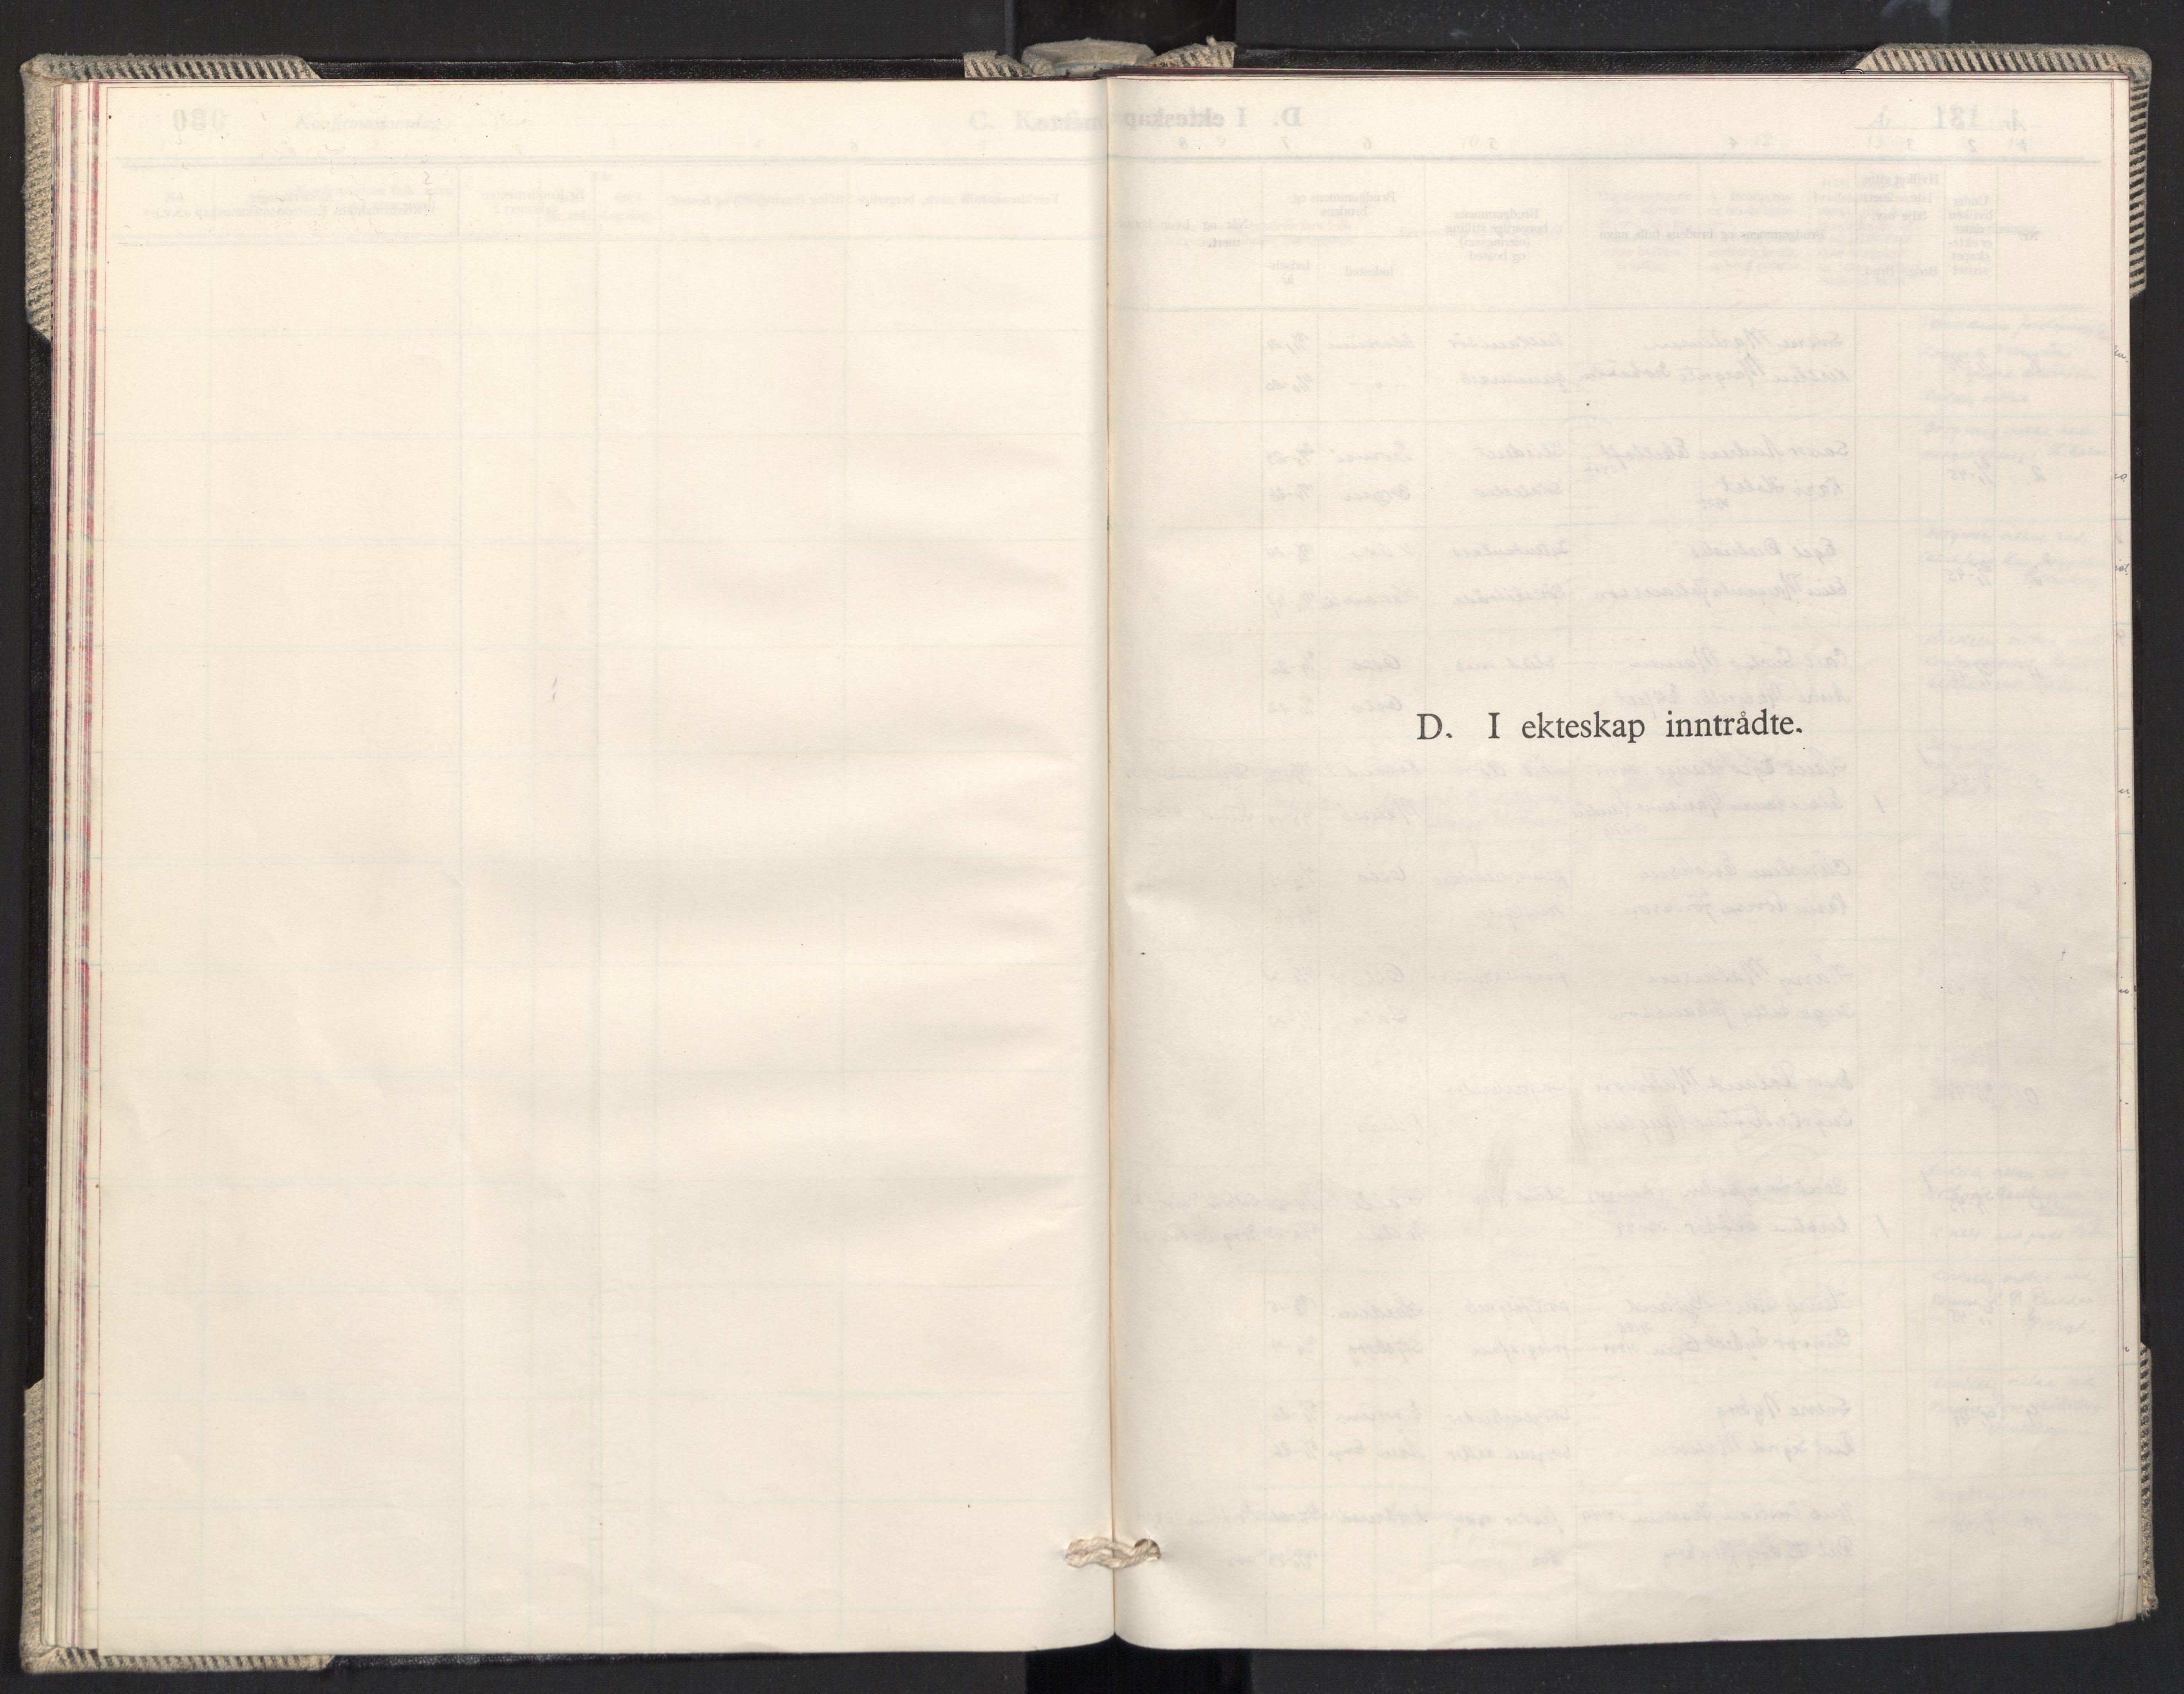 SAO, Prestekontoret i Sverige under okkupasjonen Kirkebøker, F/L0003: Ministerialbok nr. 3, 1944-1945